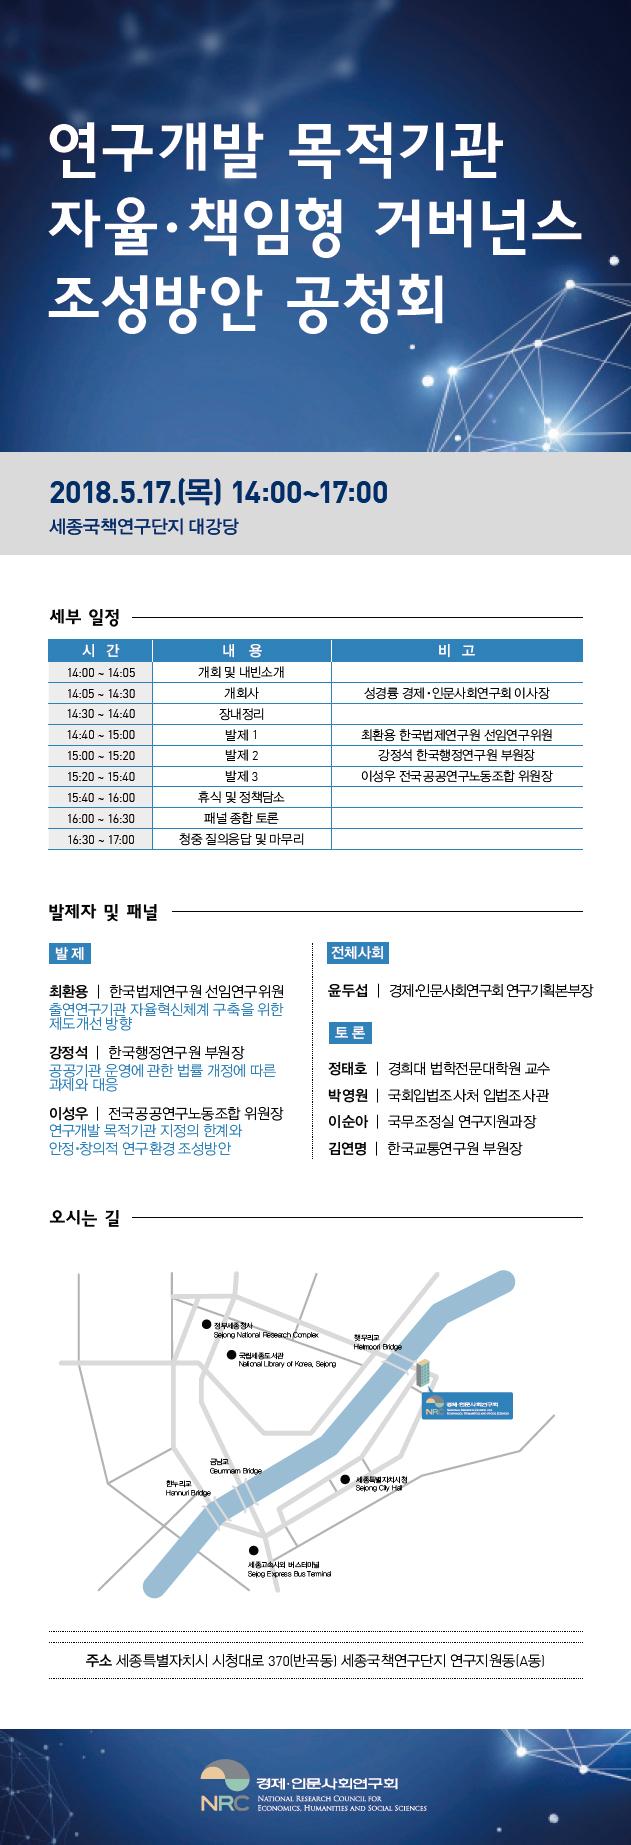 연구개발 목적기관 자율·책임형 거버넌스 조성방안 공청회 개최 안내